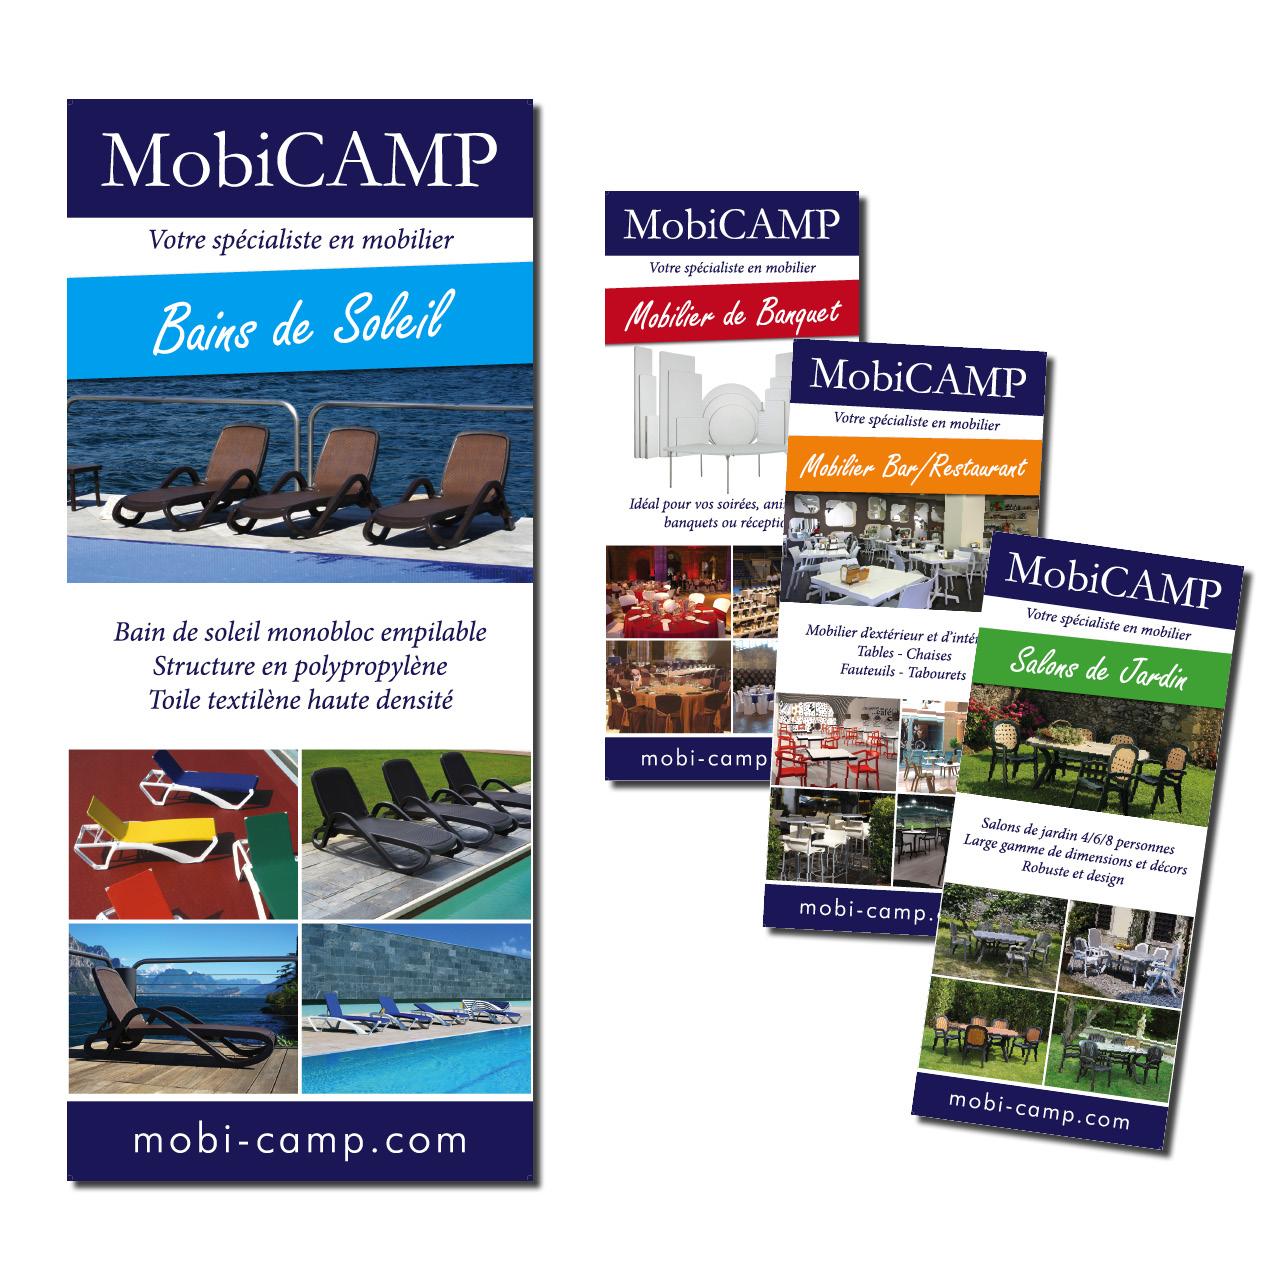 MobiCamp